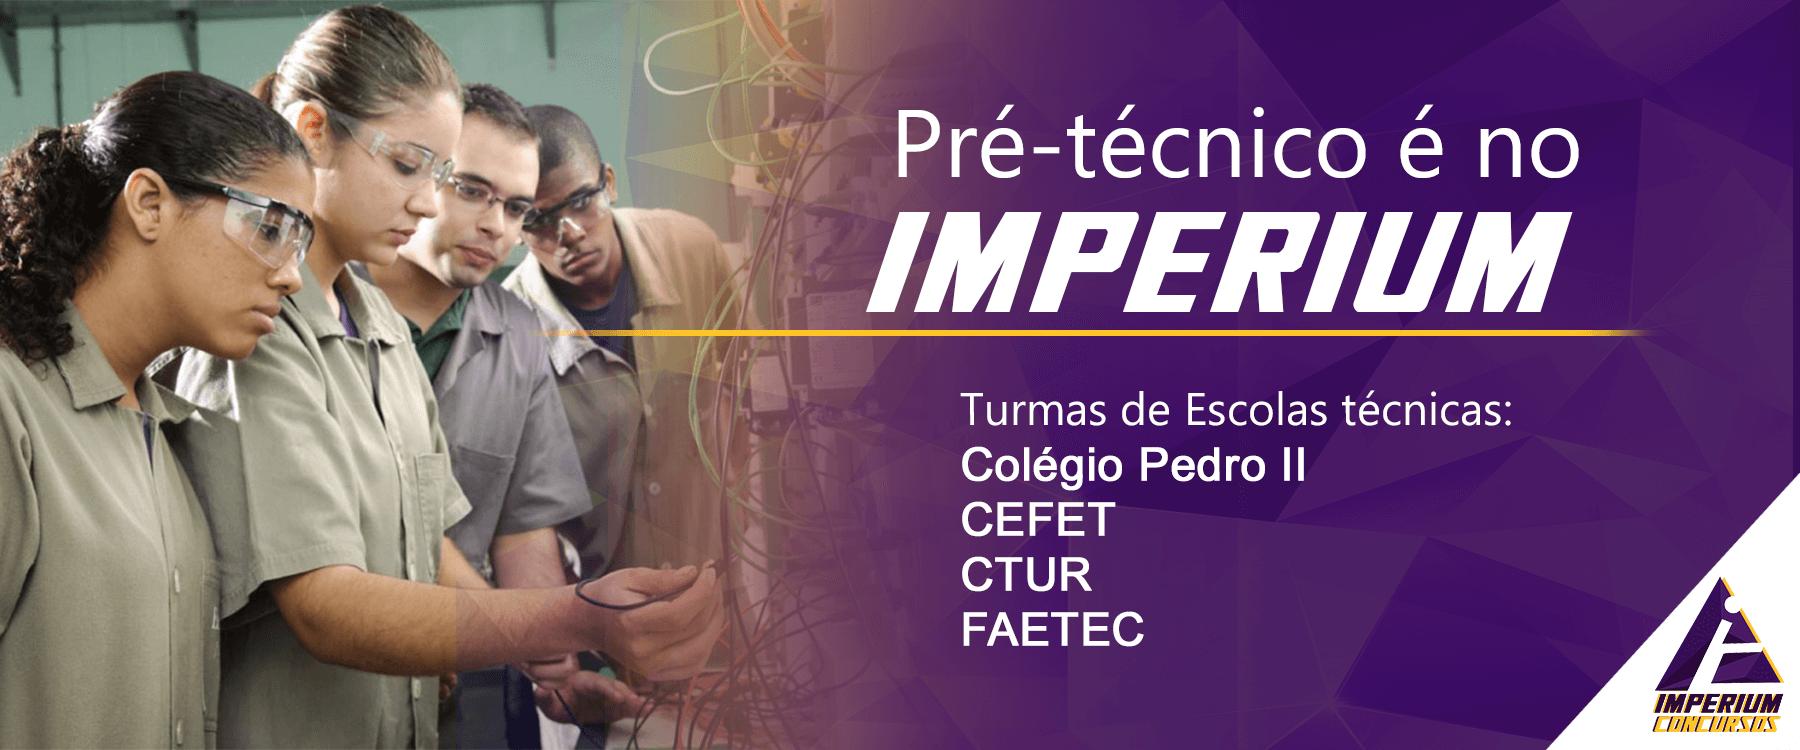 Pré-técnico Imperium Concurso